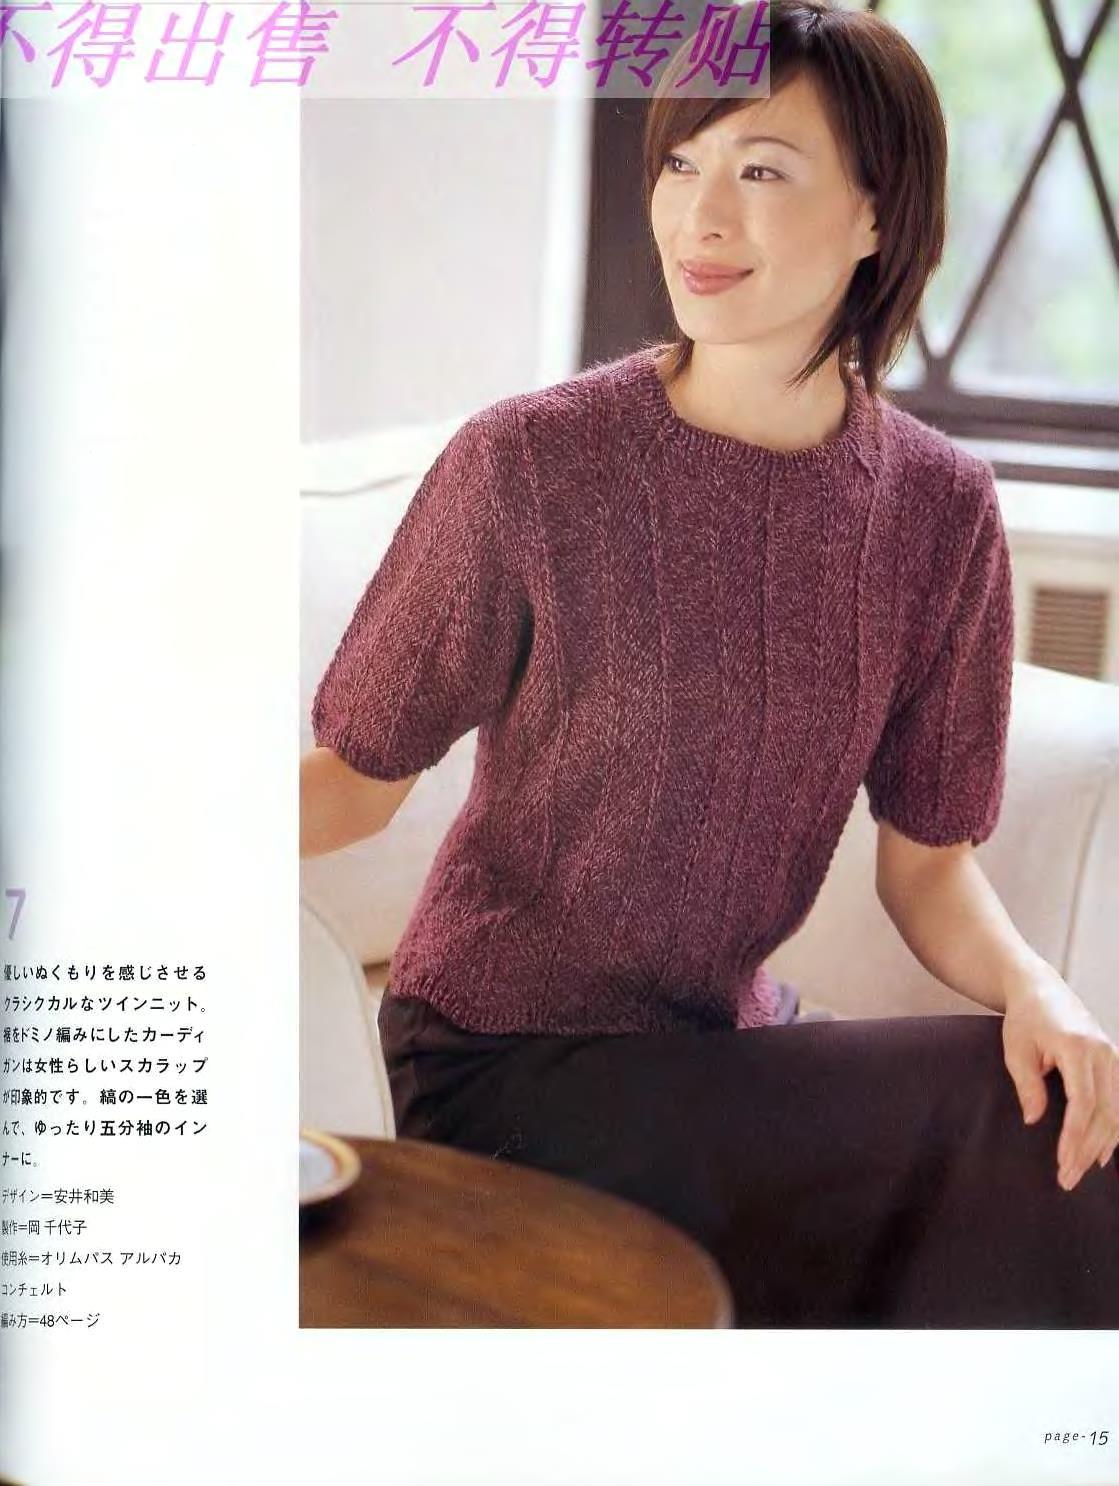 Lets-knit-series-Blue-Lace-sp-kr_12.jpg